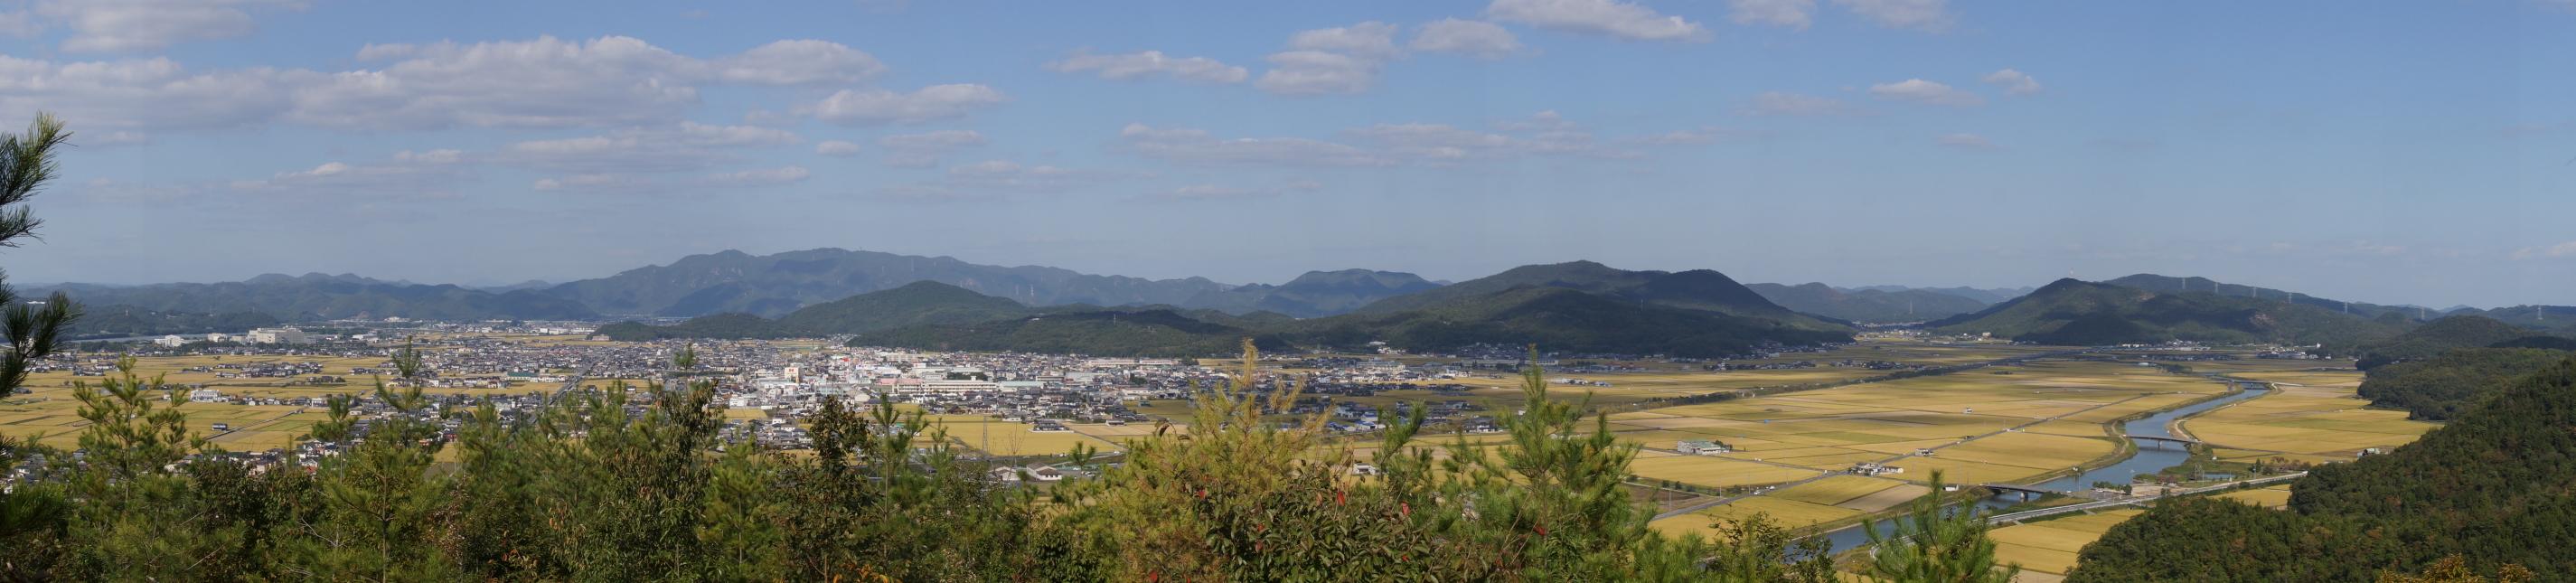 oku-town-panorama